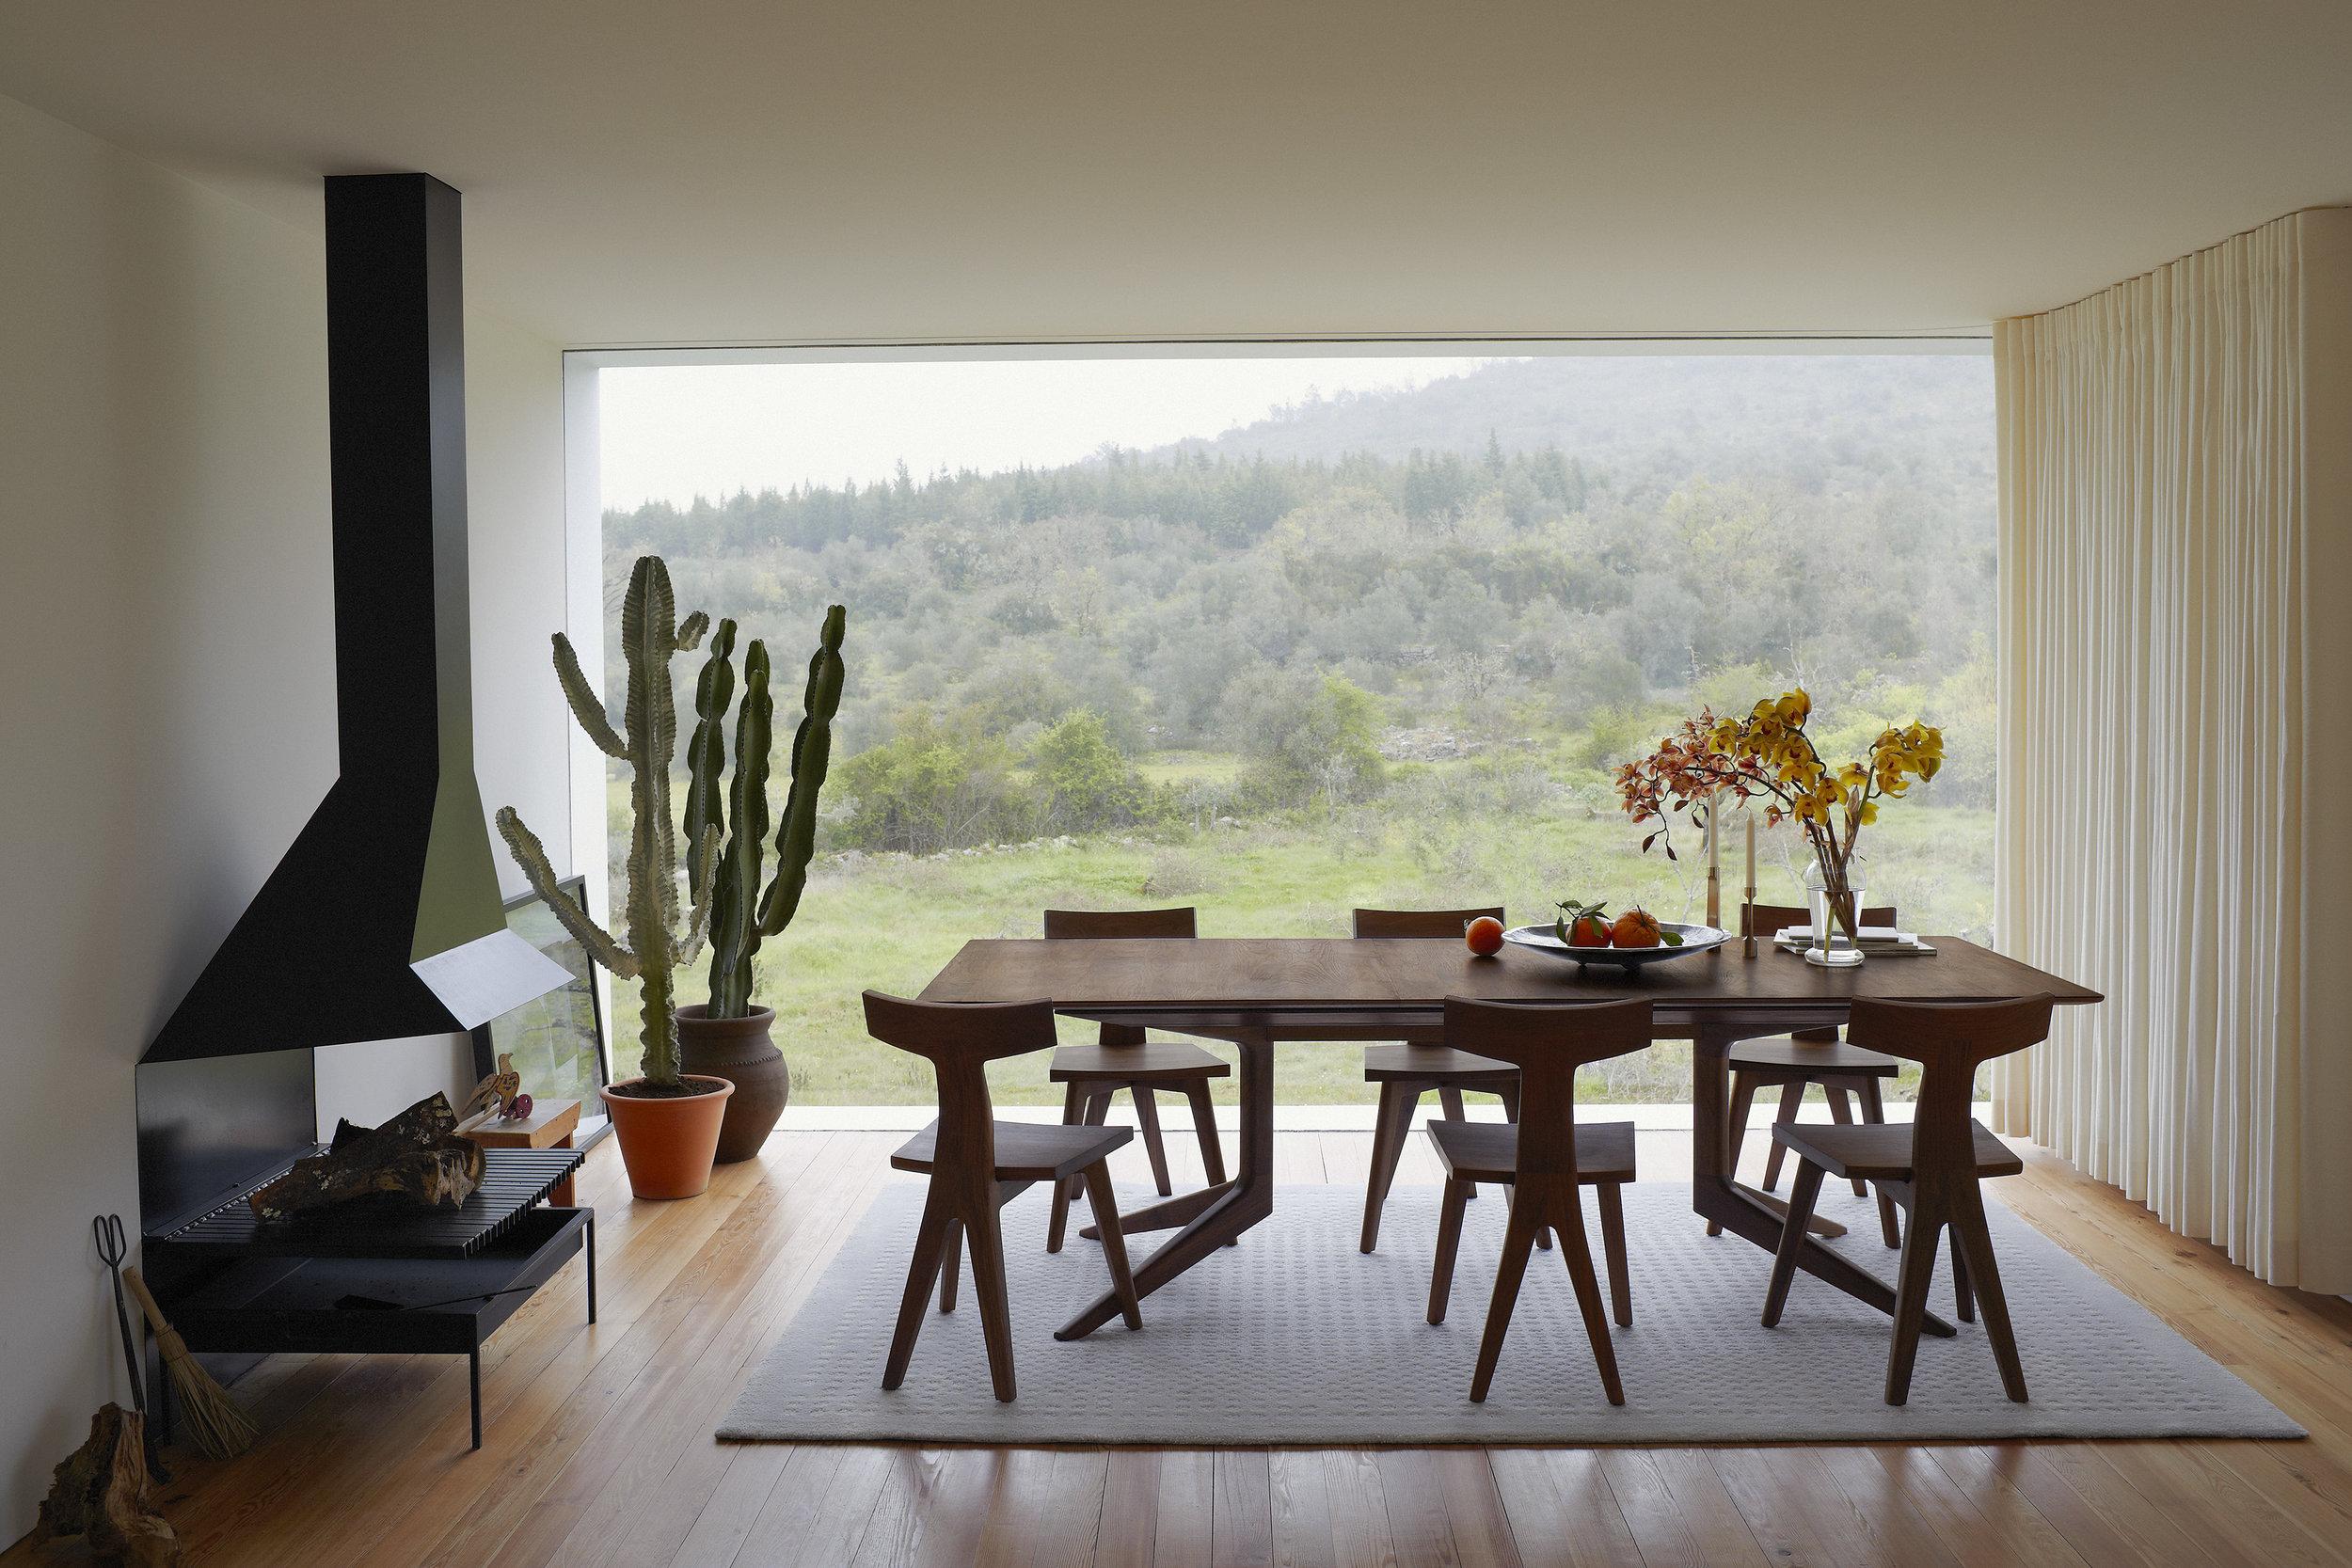 Light Extending table from DeLaEspada